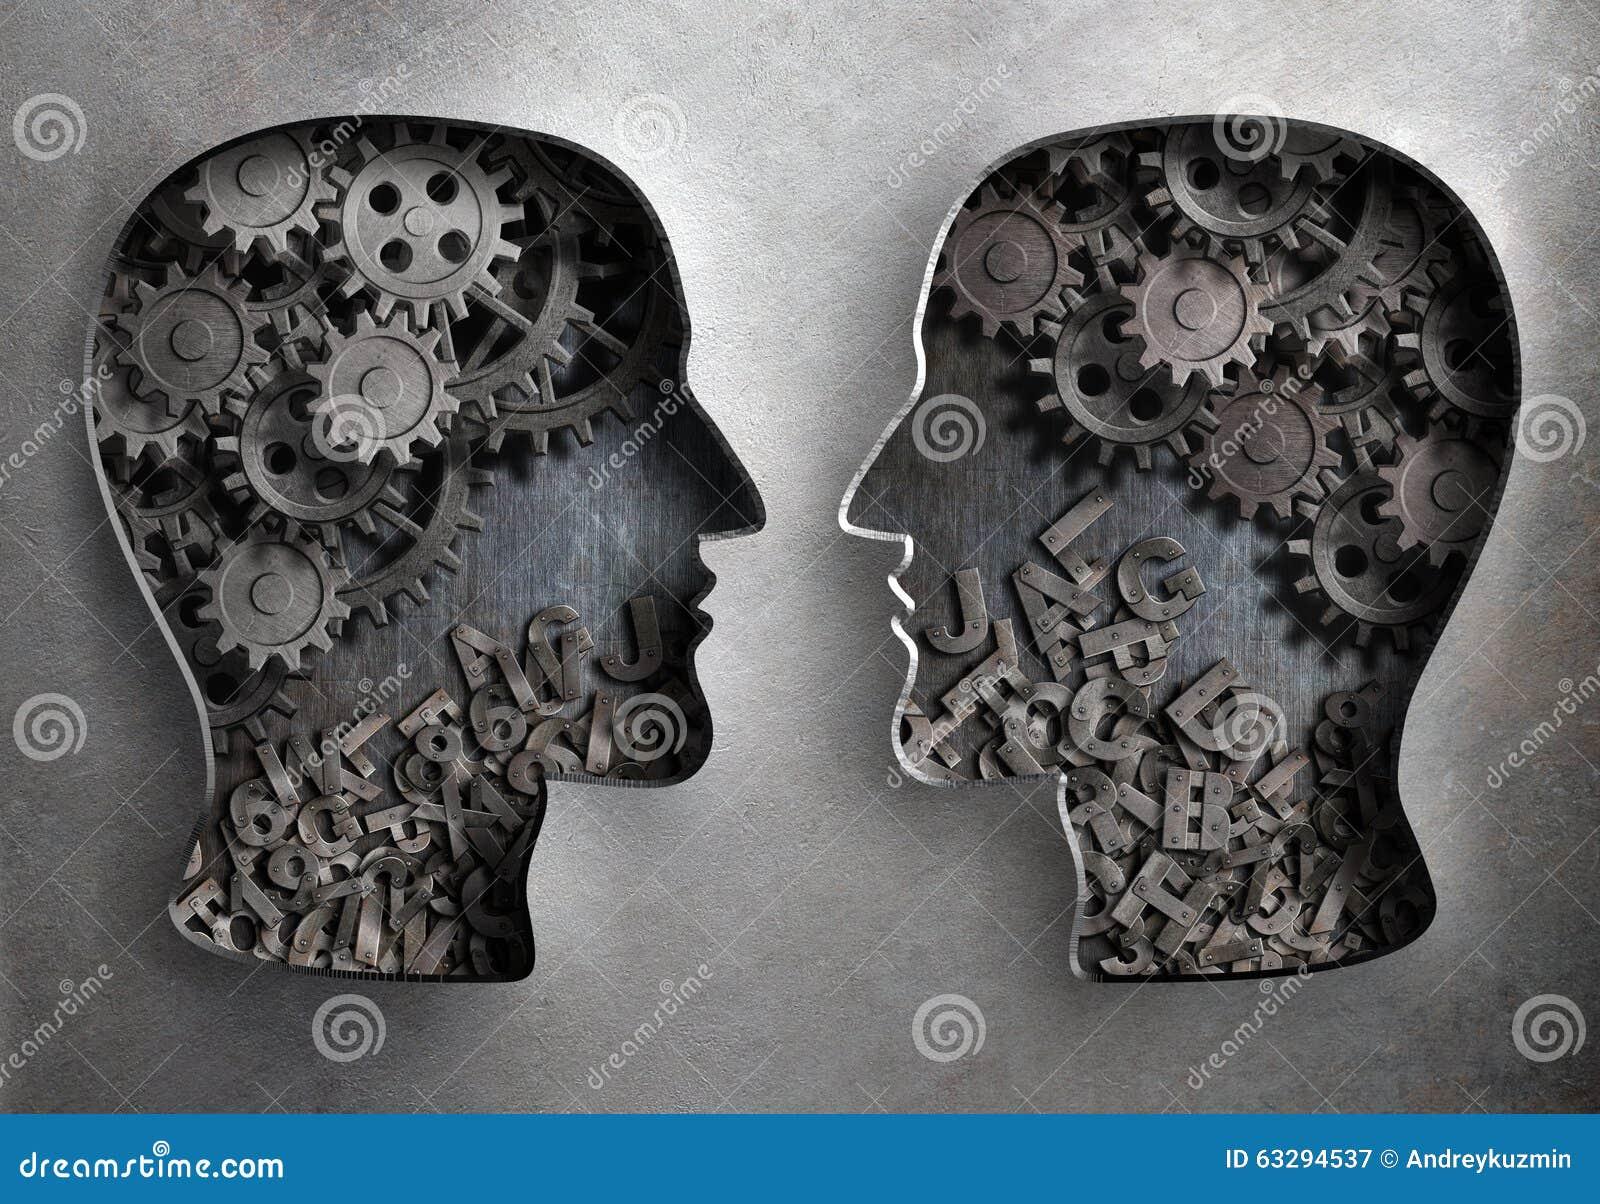 Диалог или сообщение, информация и знание